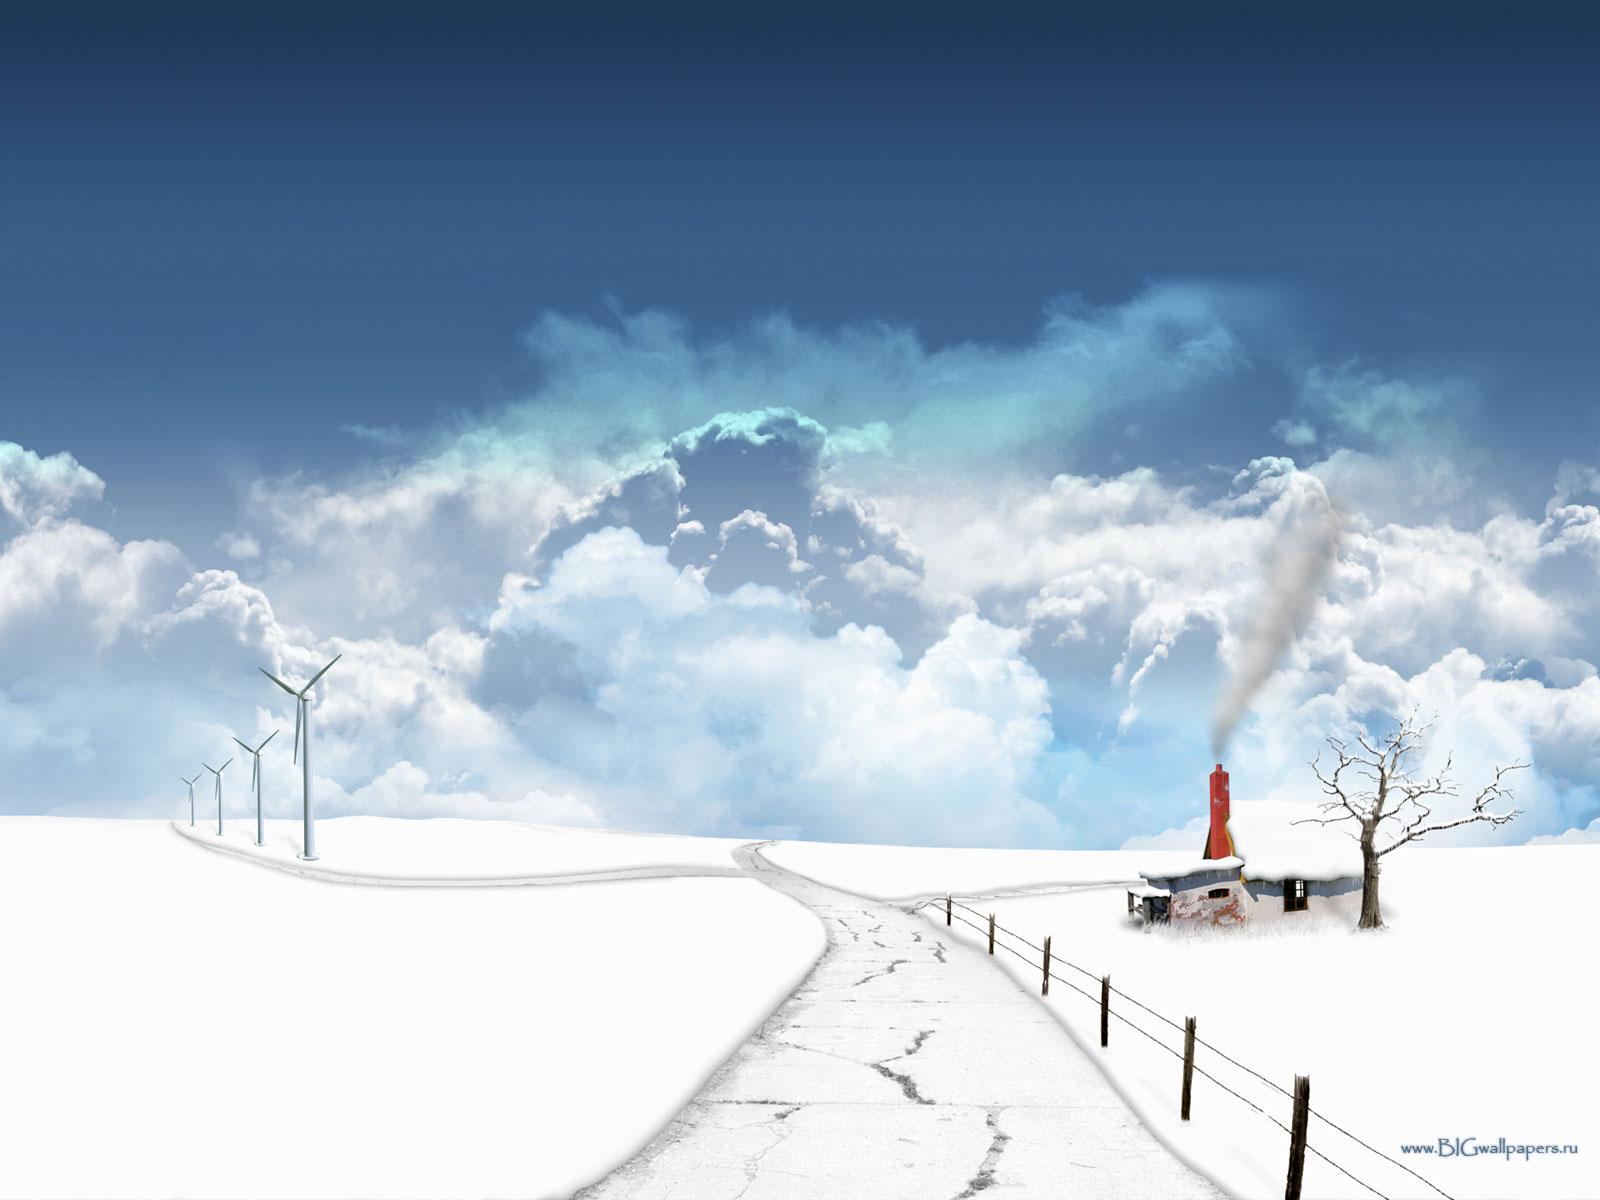 дорога, небо, скачать фото, обои для рабочего стола, облака